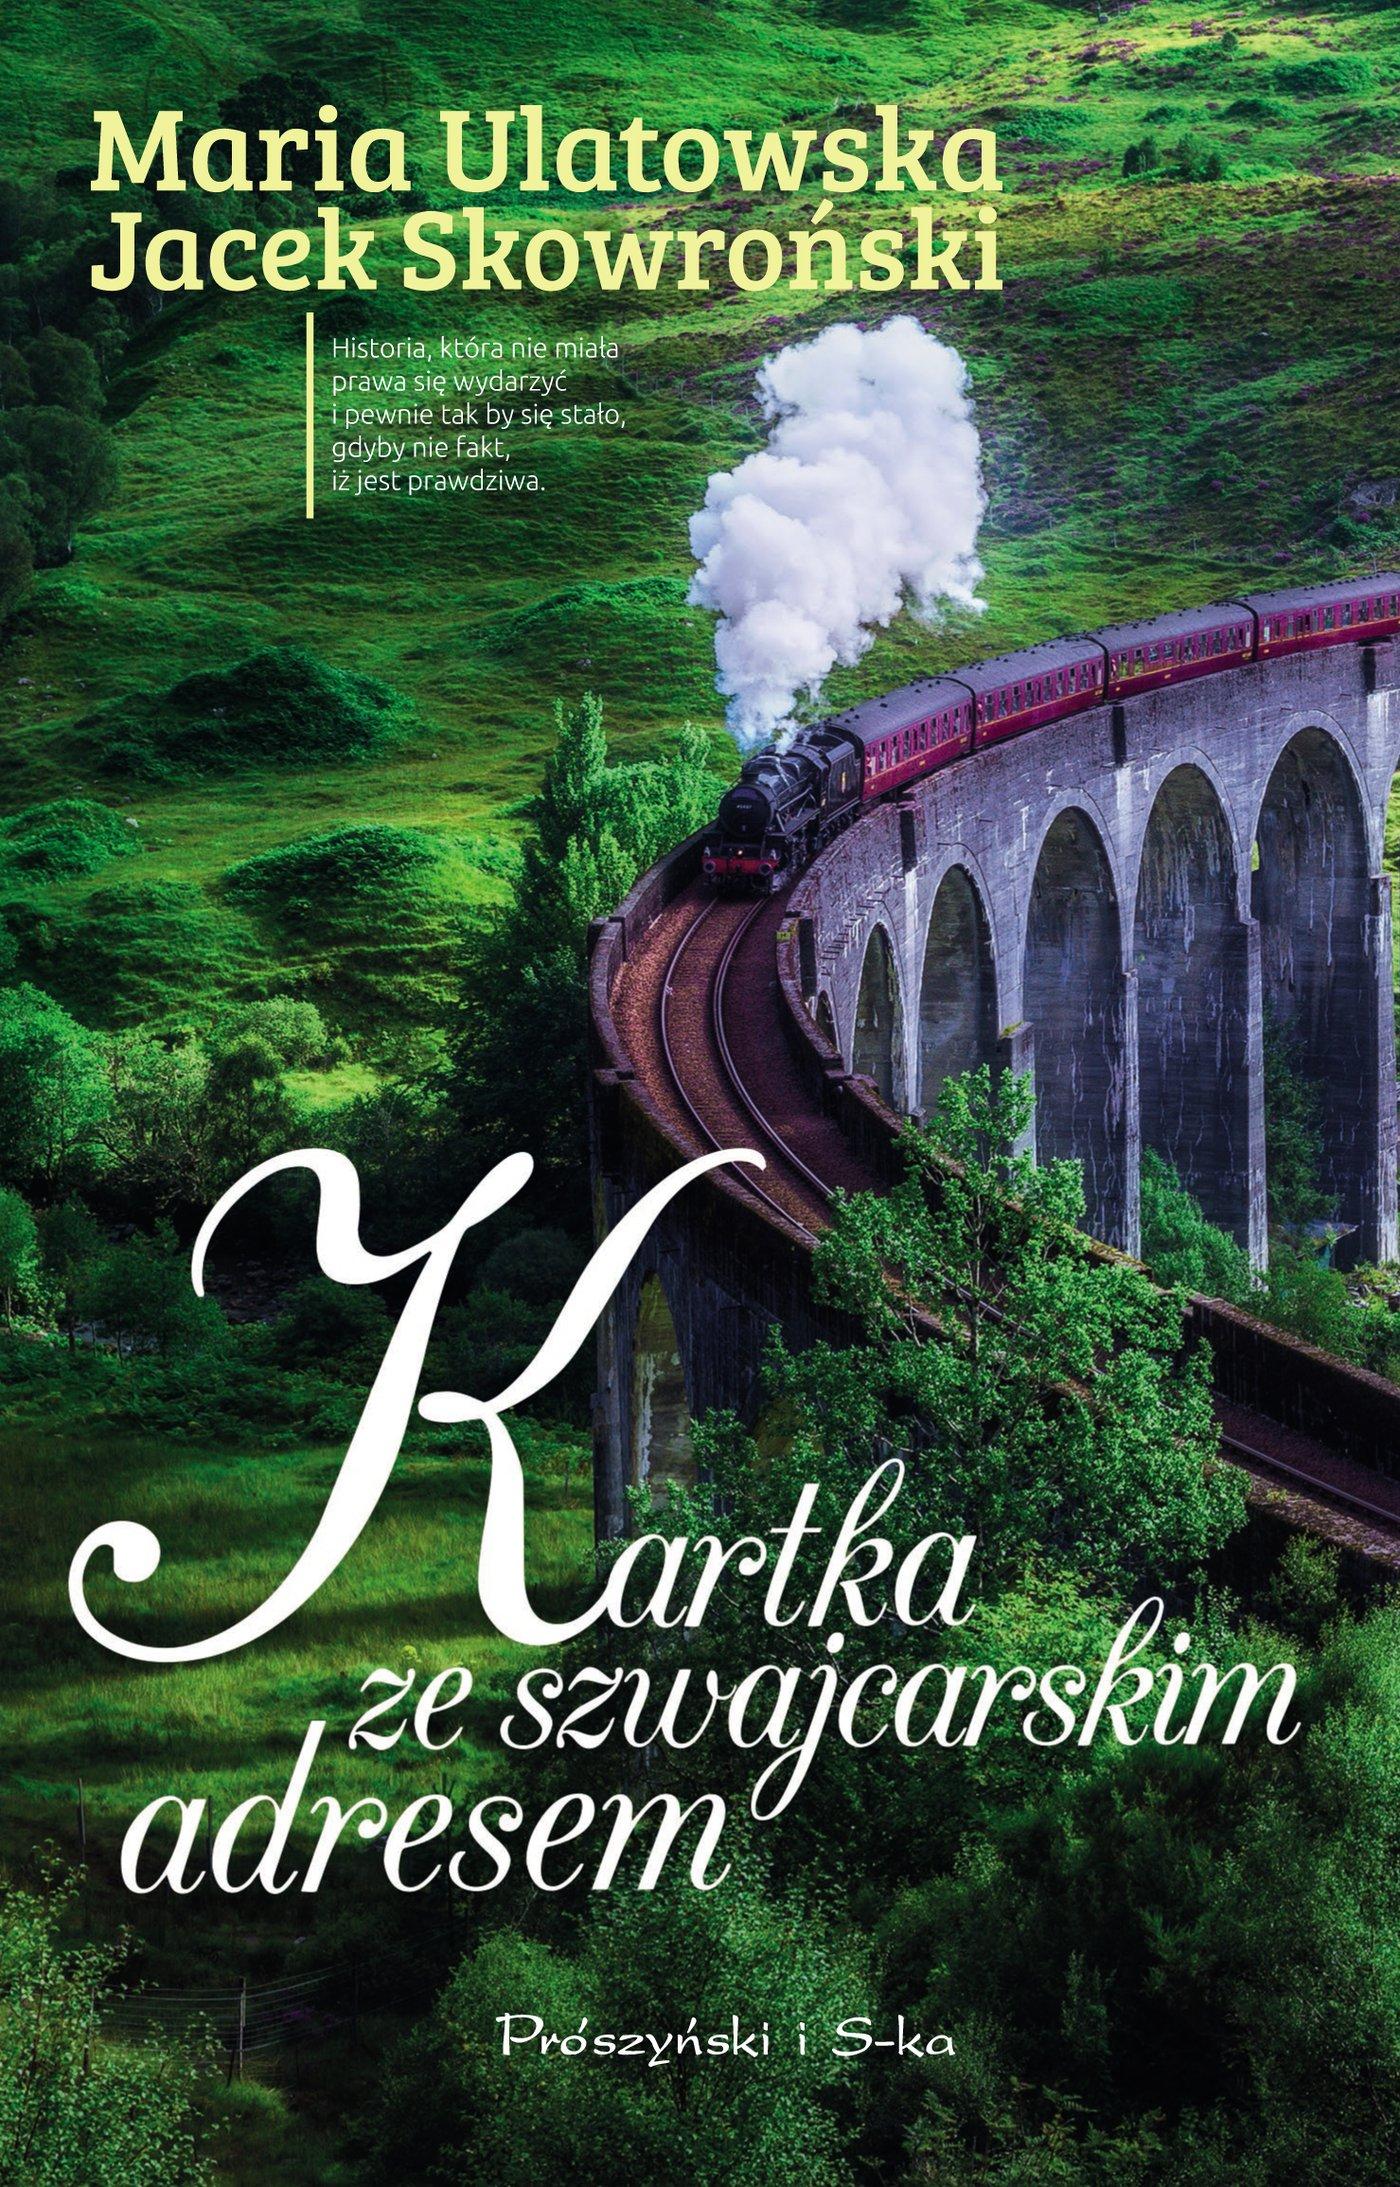 Kartka ze szwajcarskim adresem - Ebook (Książka na Kindle) do pobrania w formacie MOBI